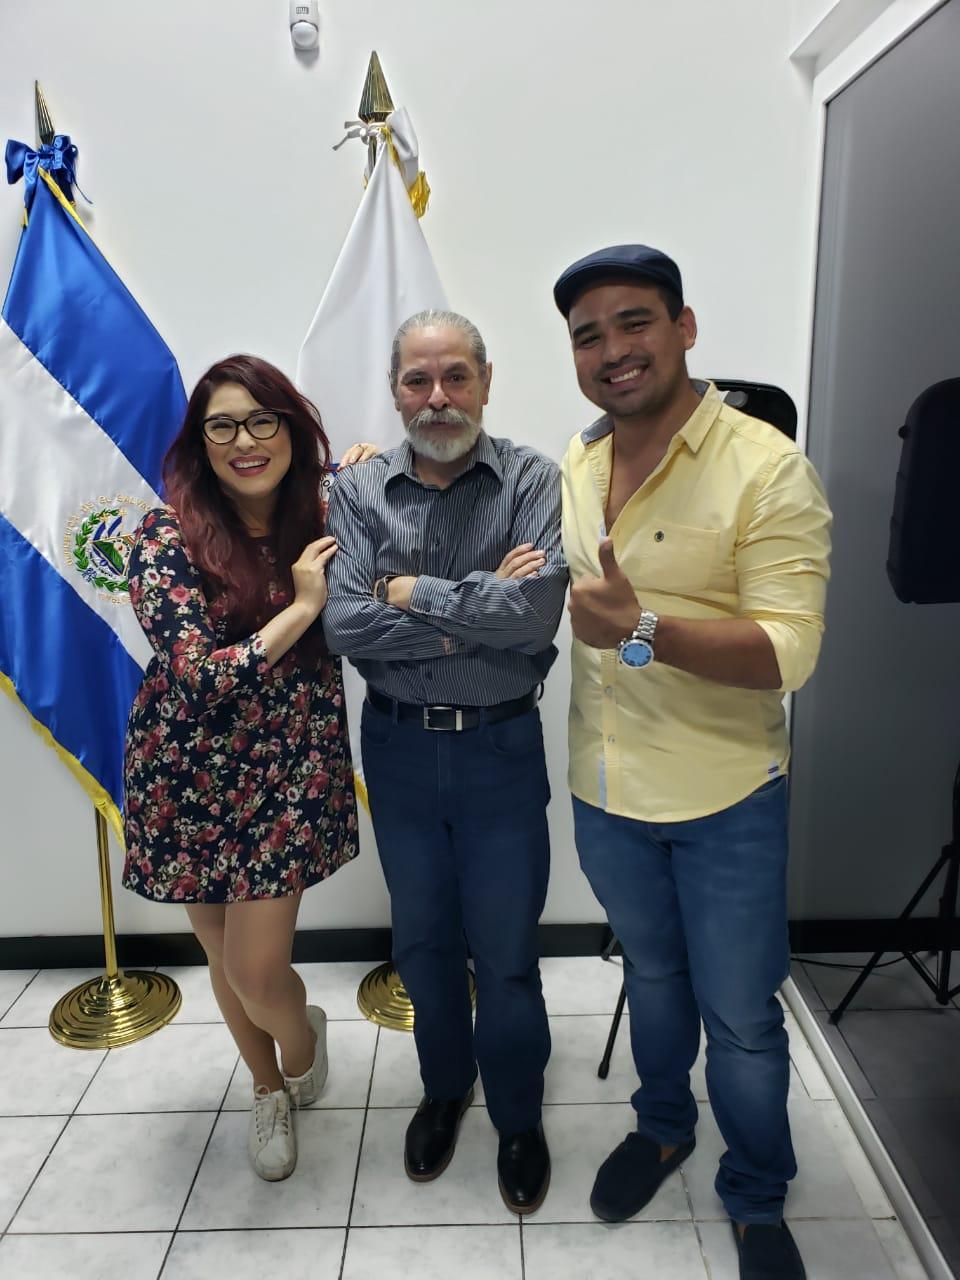 PONTE LAS PILAS – Rolando Medina Lopez (Crítico de cine y cineasta)